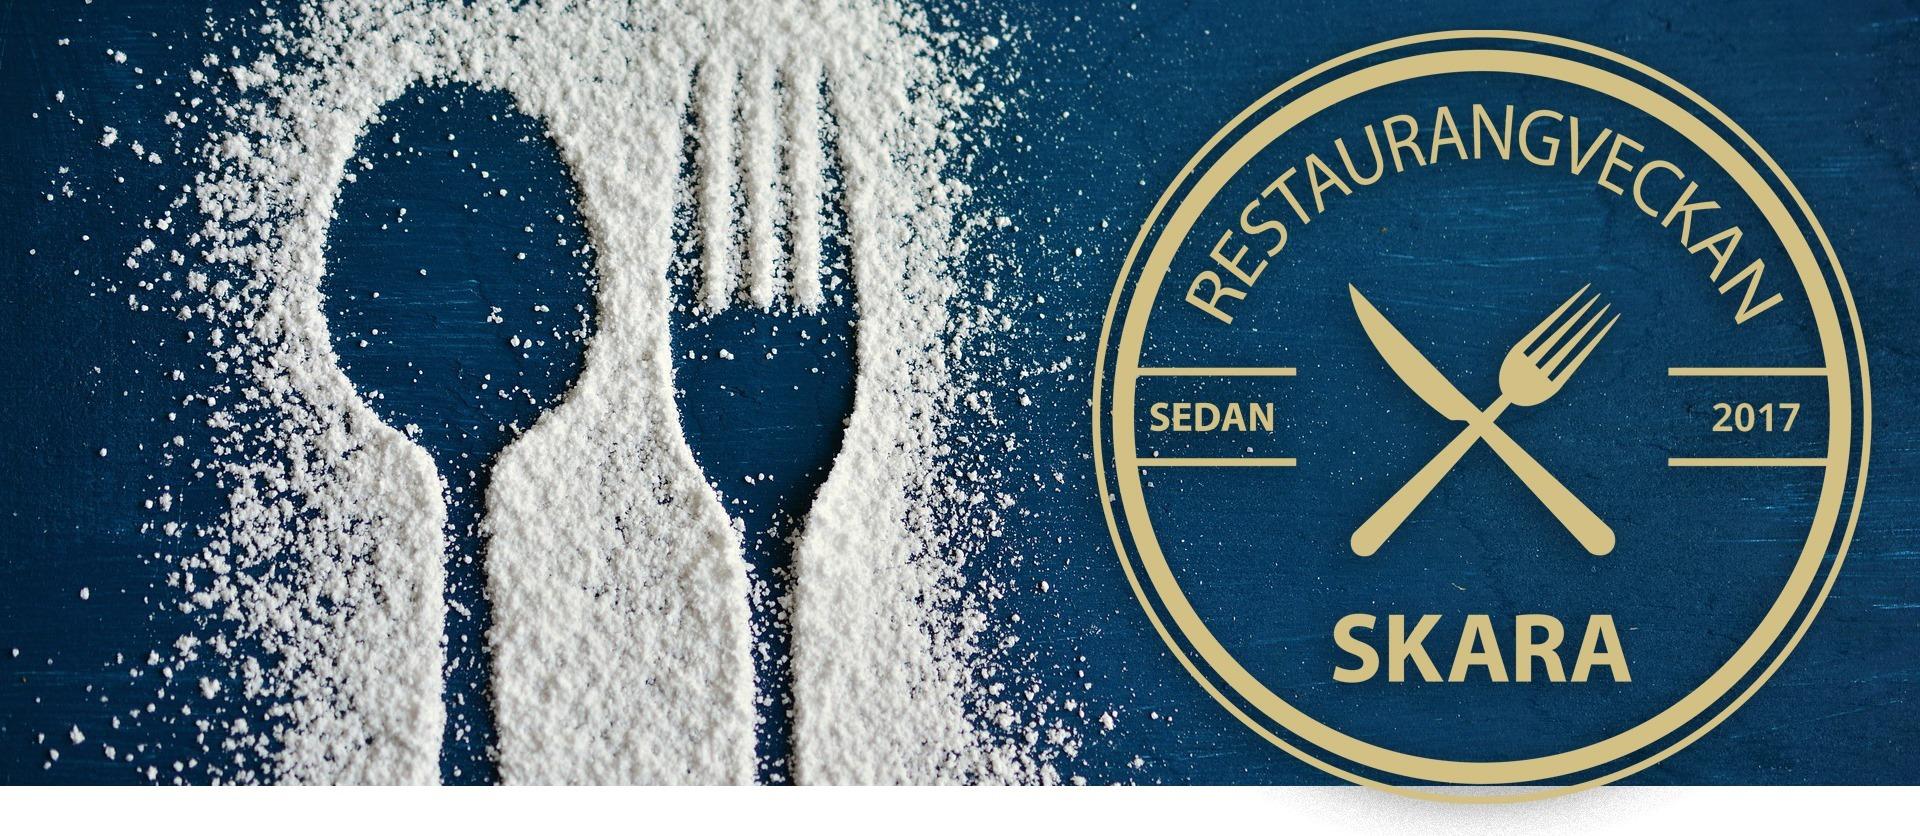 Restaurangveckan i Skara